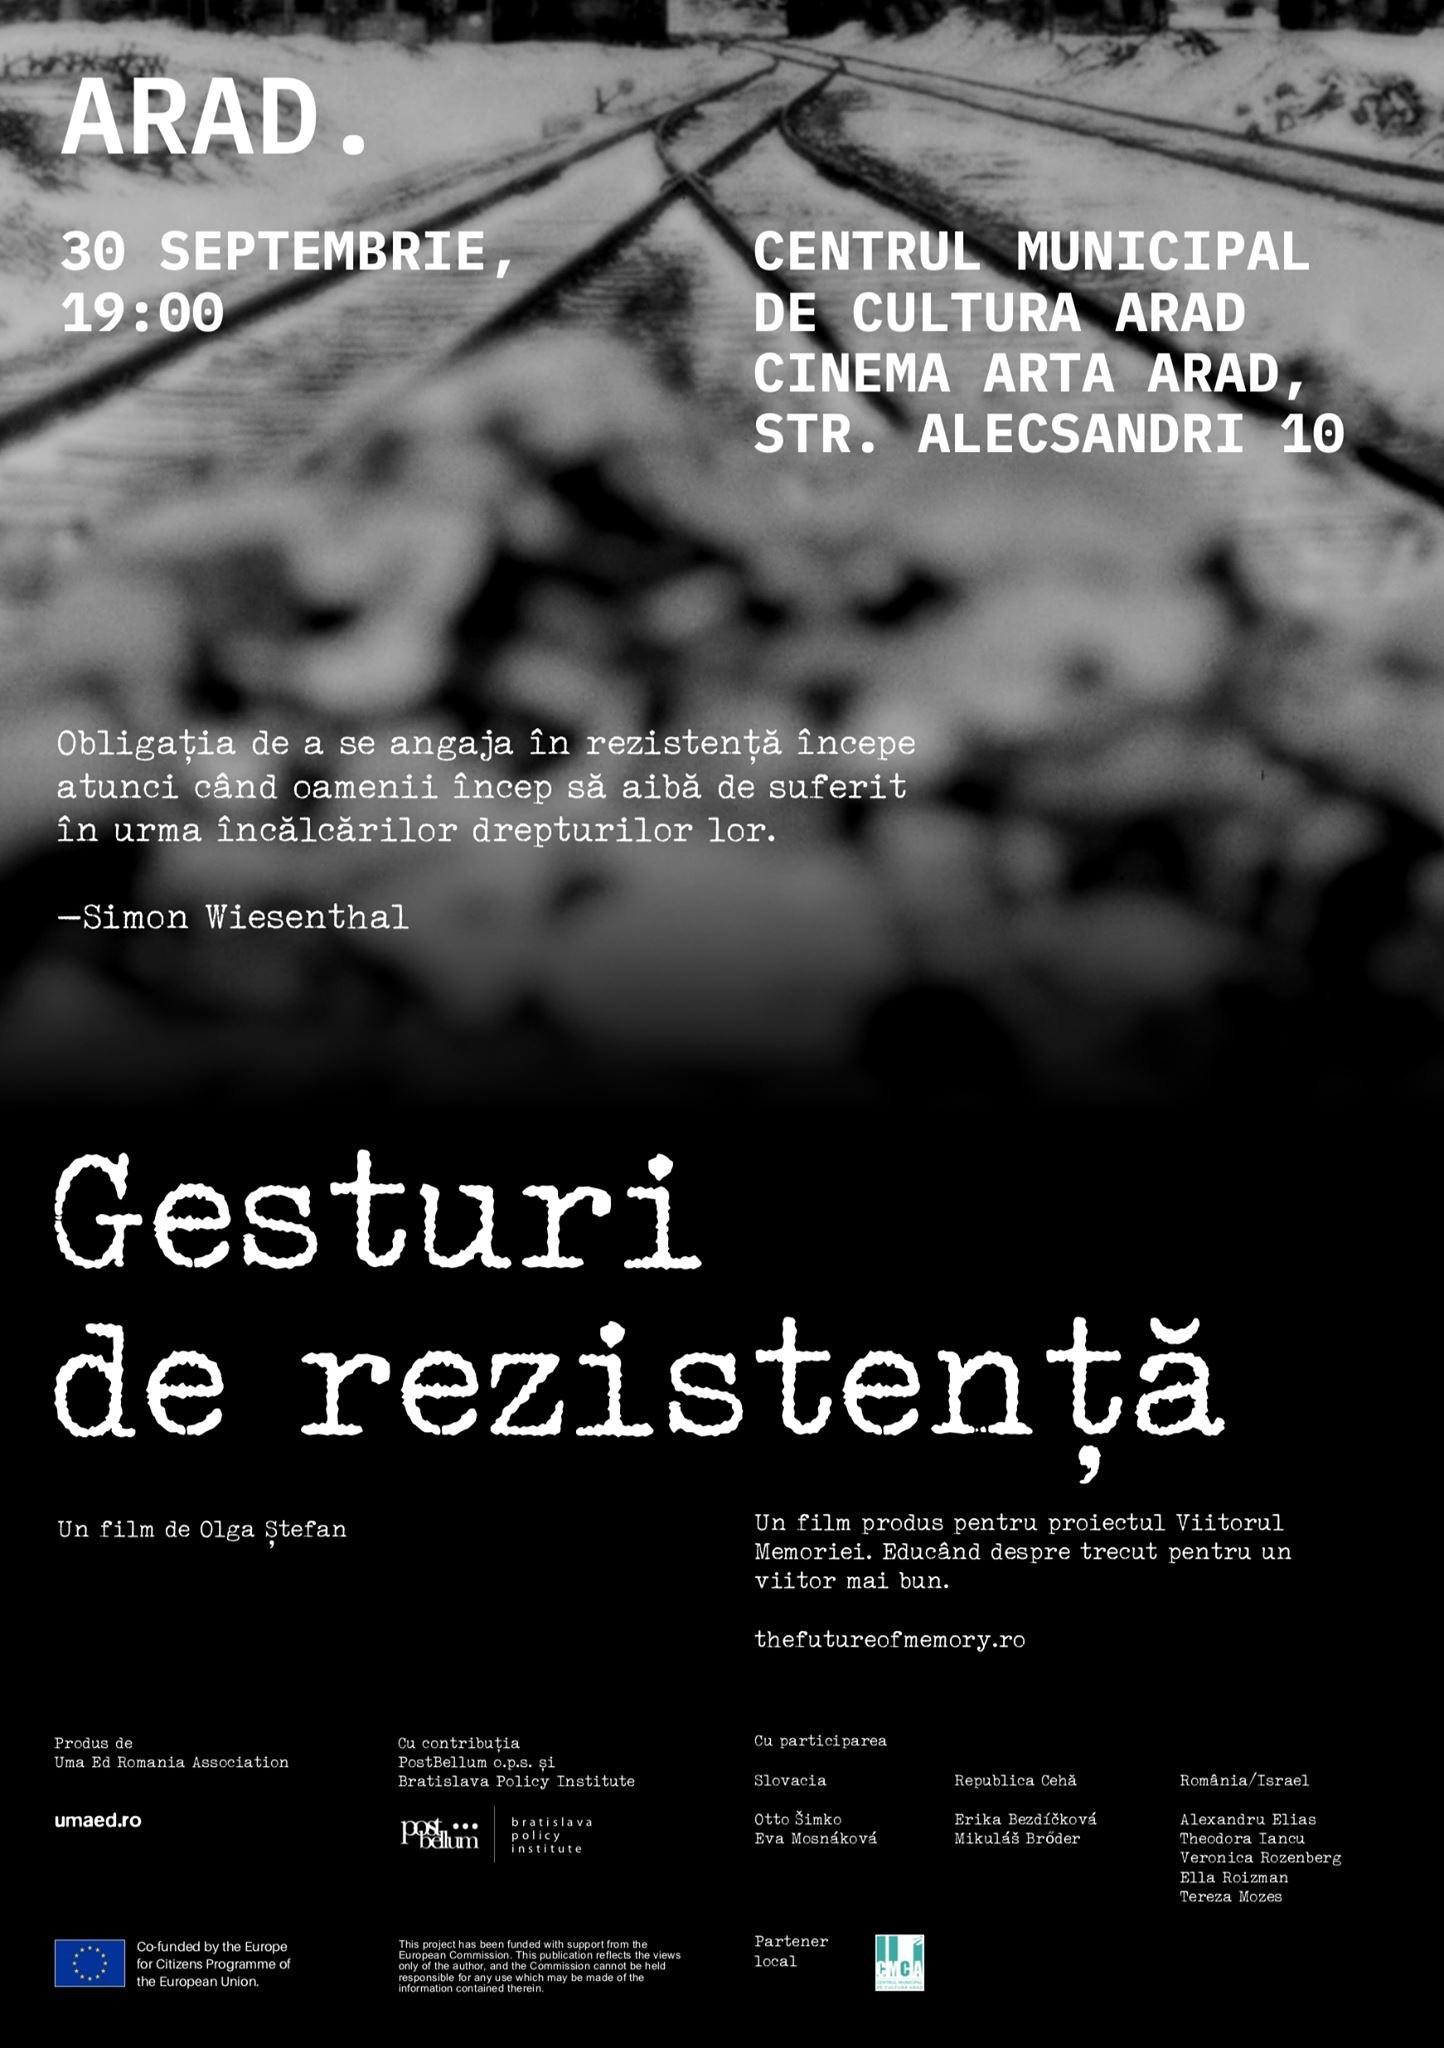 """""""GESTURIDEREZISTENȚĂ"""",FILMDOCUMENTARDESPREREZISTENȚAEVREIASCĂ ANTIFASCISTĂ DIN TIMPUL RĂZBOIULUI, ESTE ÎN TURNEU ÎN ROMÂNIA:"""